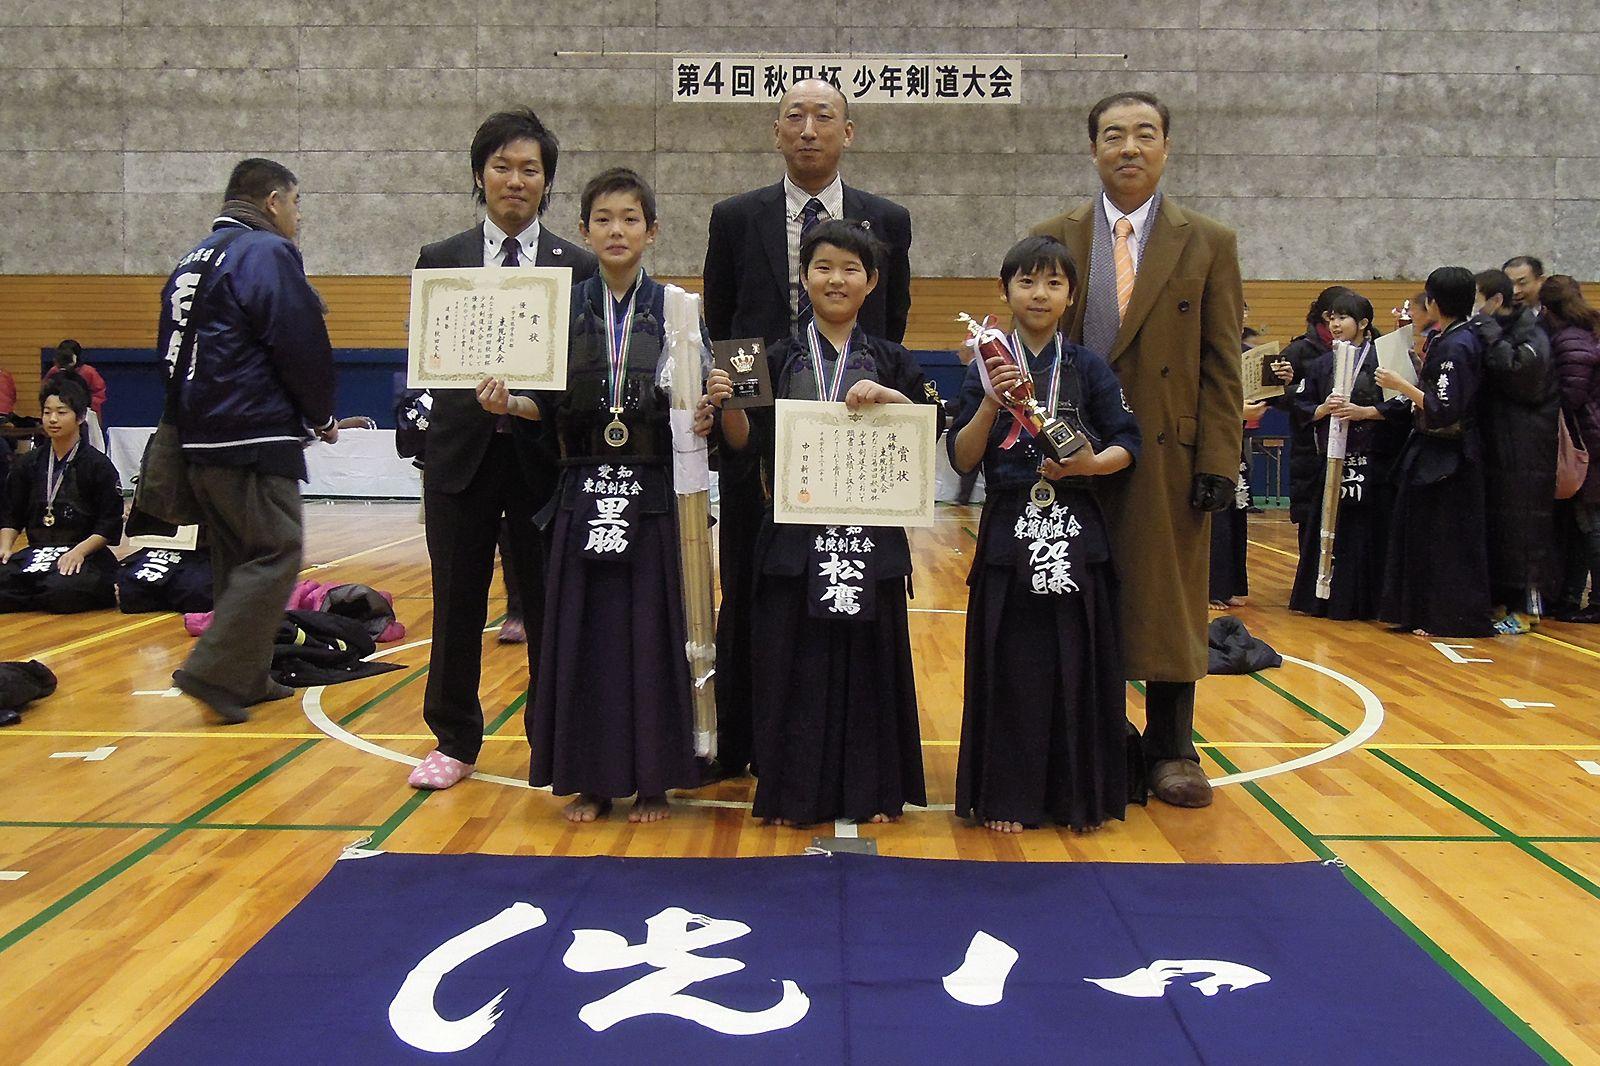 第4回秋田杯少年剣道大会 小学生低学年の部 優勝 東院剣友会